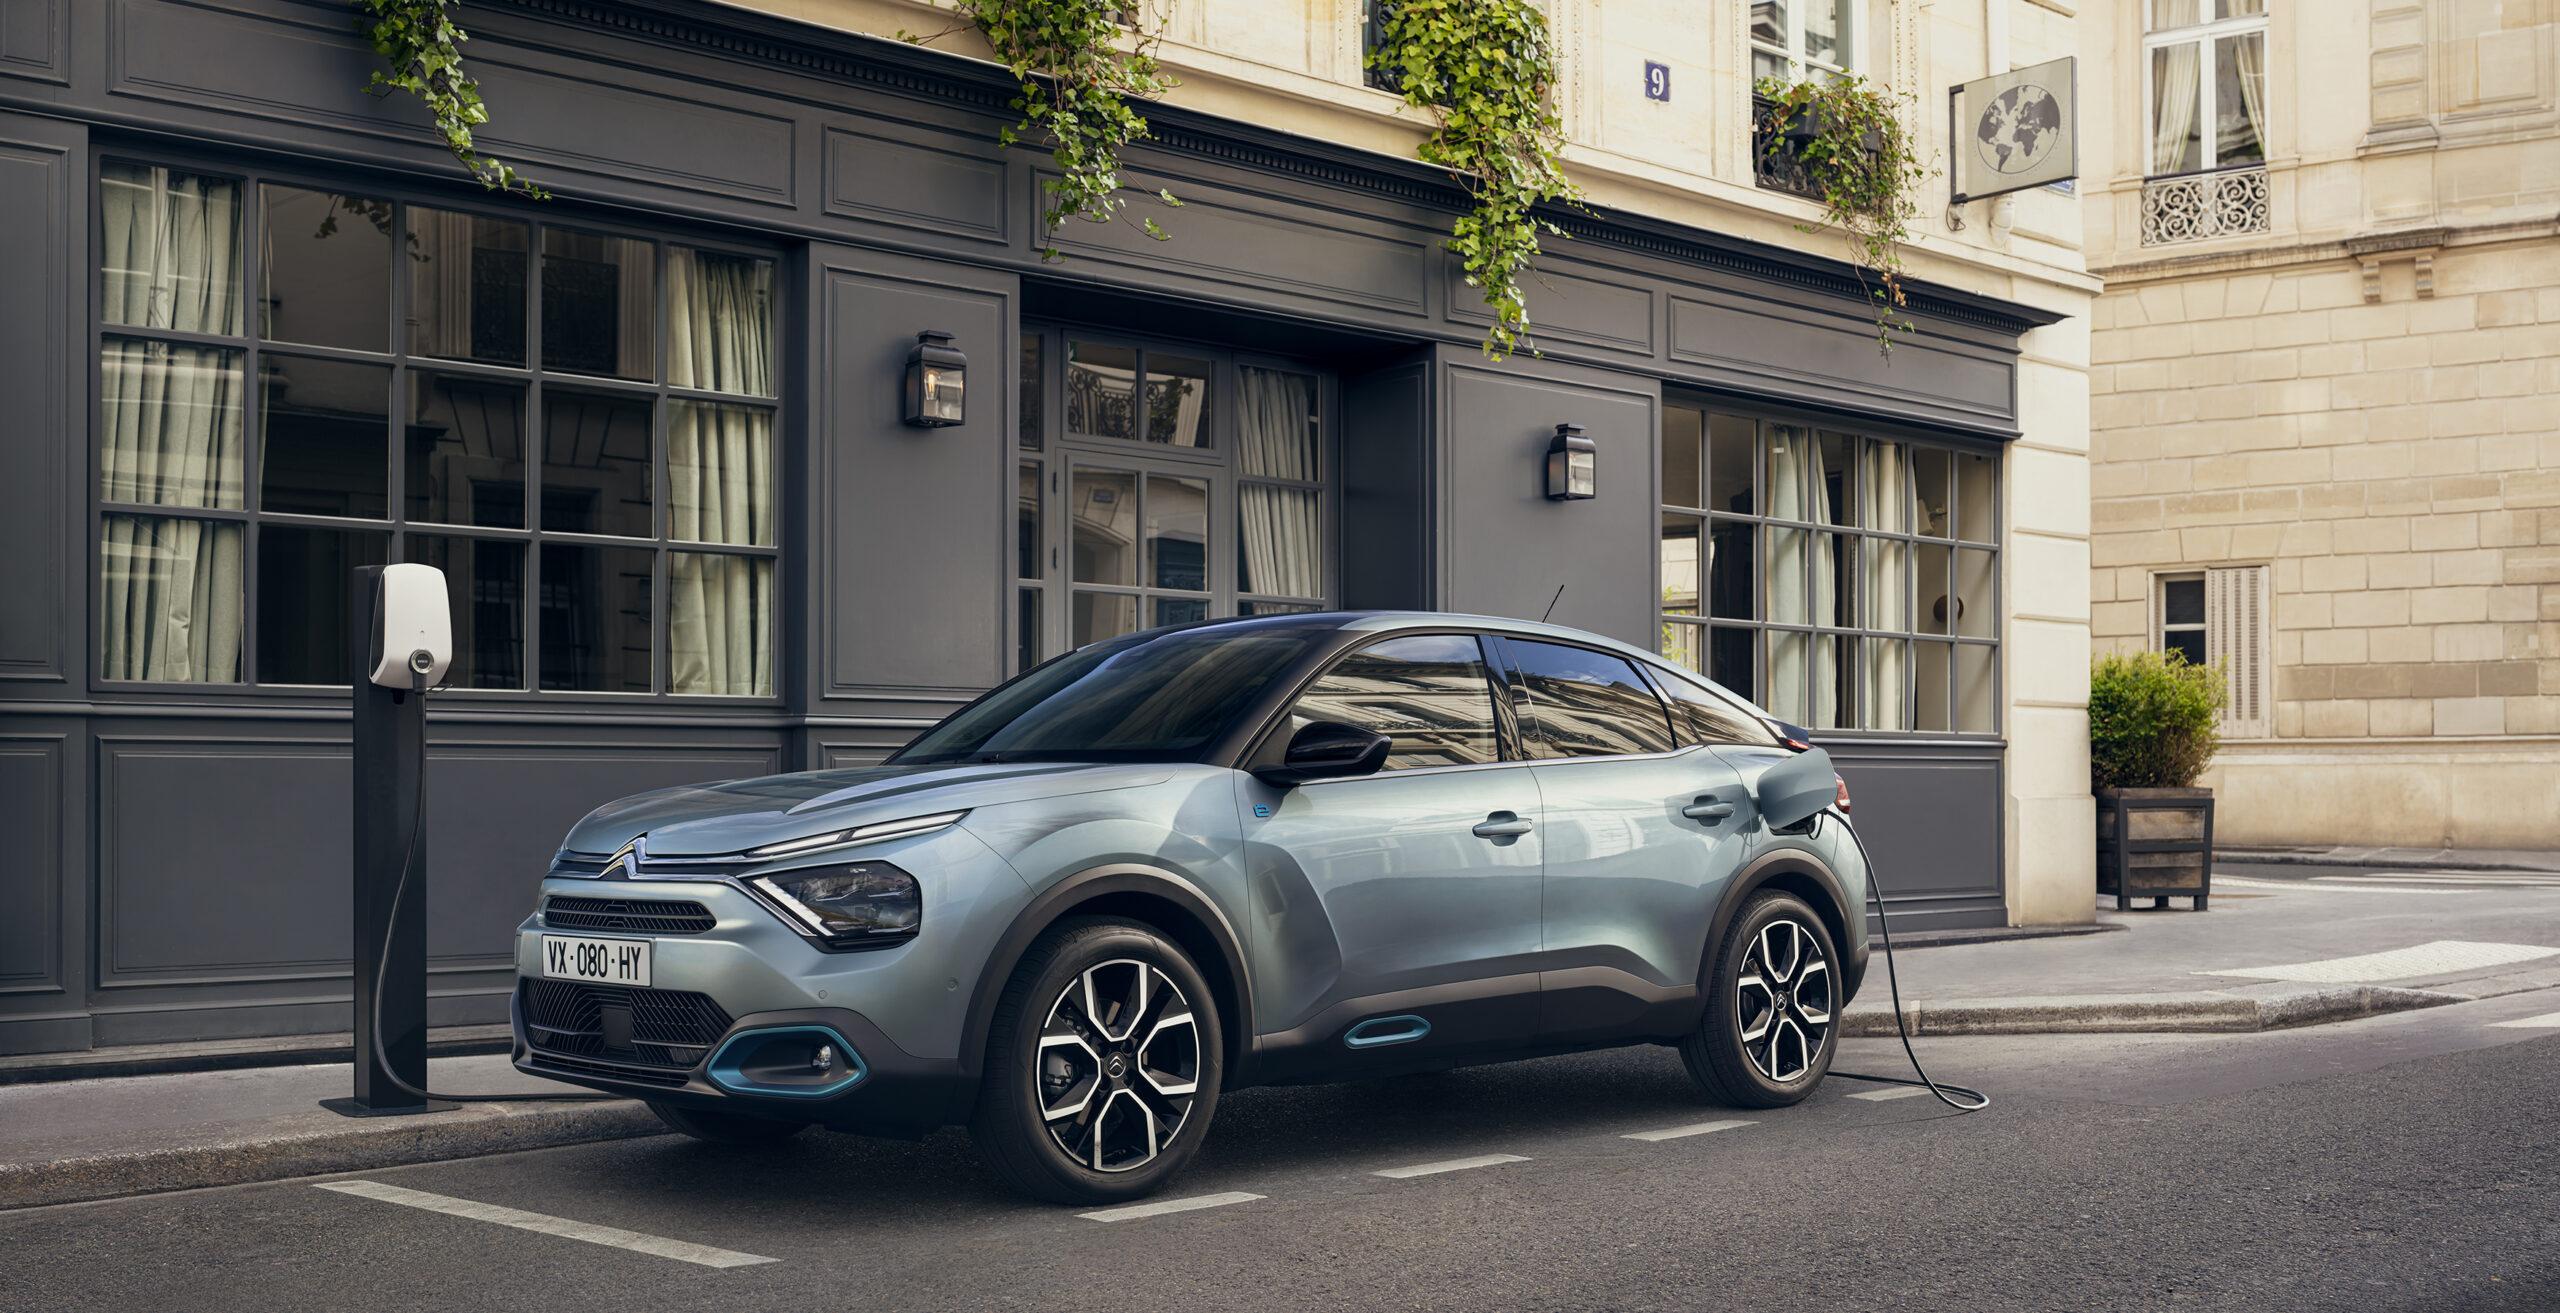 """Guida facile, sicura e """"connessa"""", anche per i neopatentati: la Citroën presenta la nuova ë-C4 -100% ëlectric"""